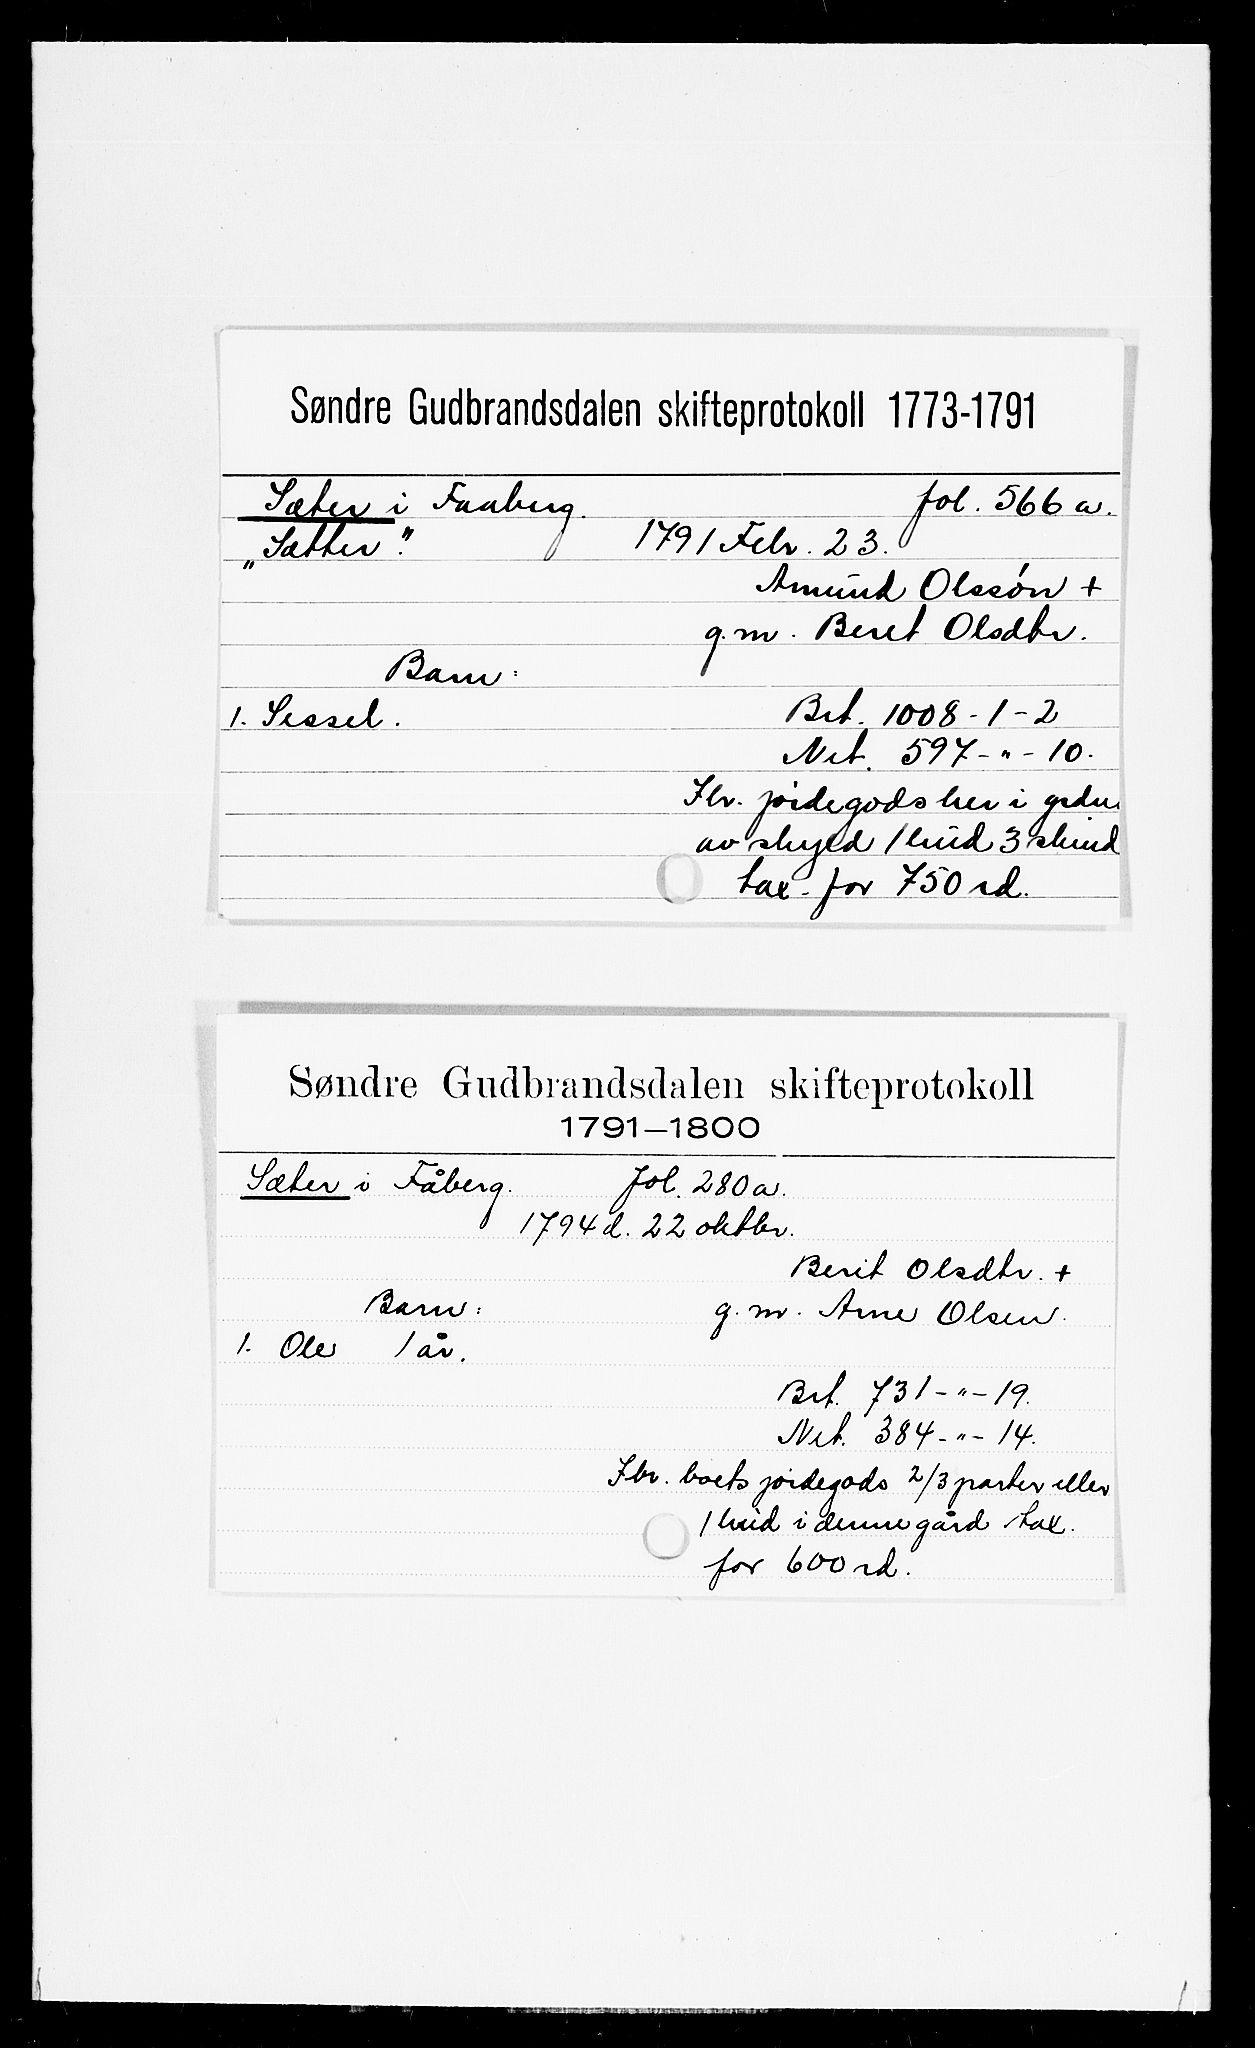 SAH, Sør-Gudbrandsdal tingrett, J, 1658-1885, p. 16506